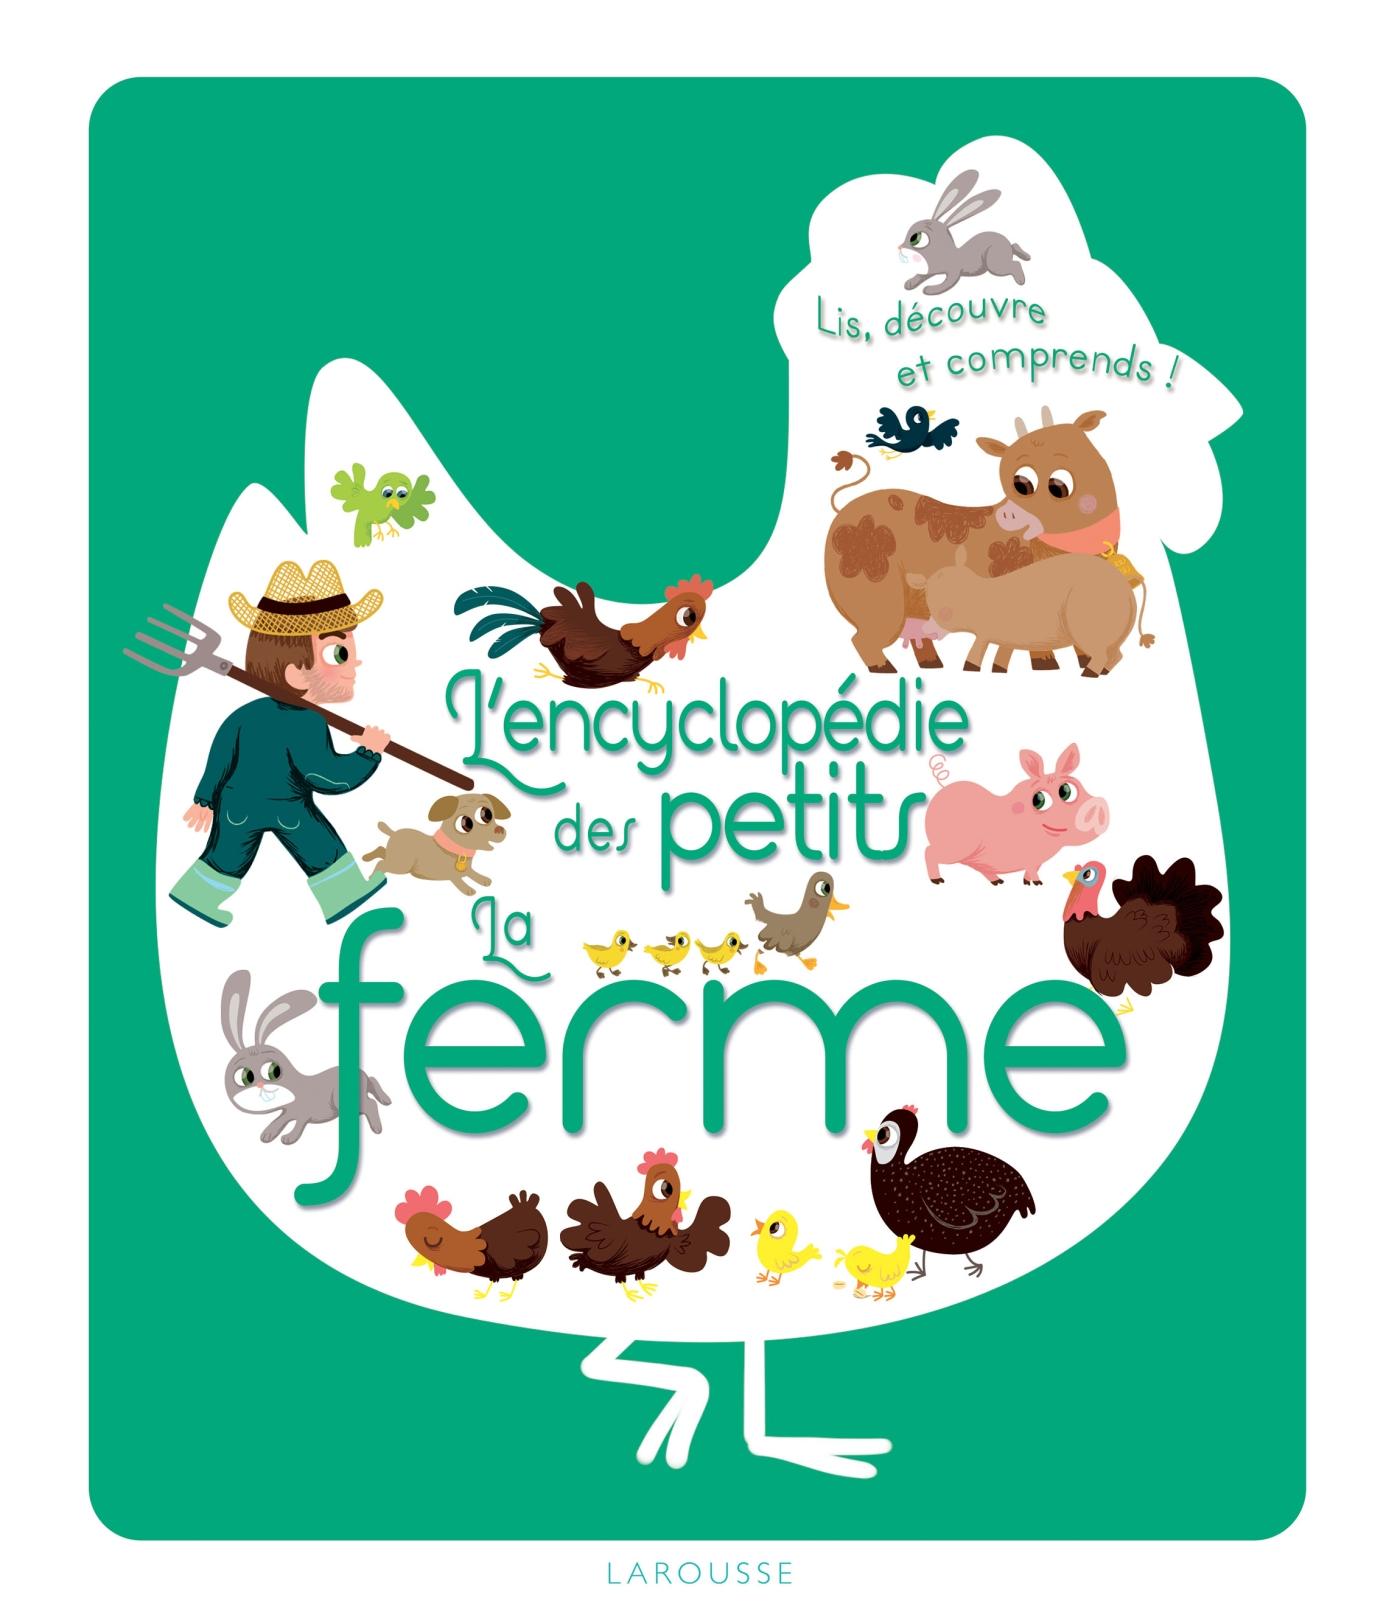 L'encylopédie des petits - La ferme | Jugla, Cécile. Auteur